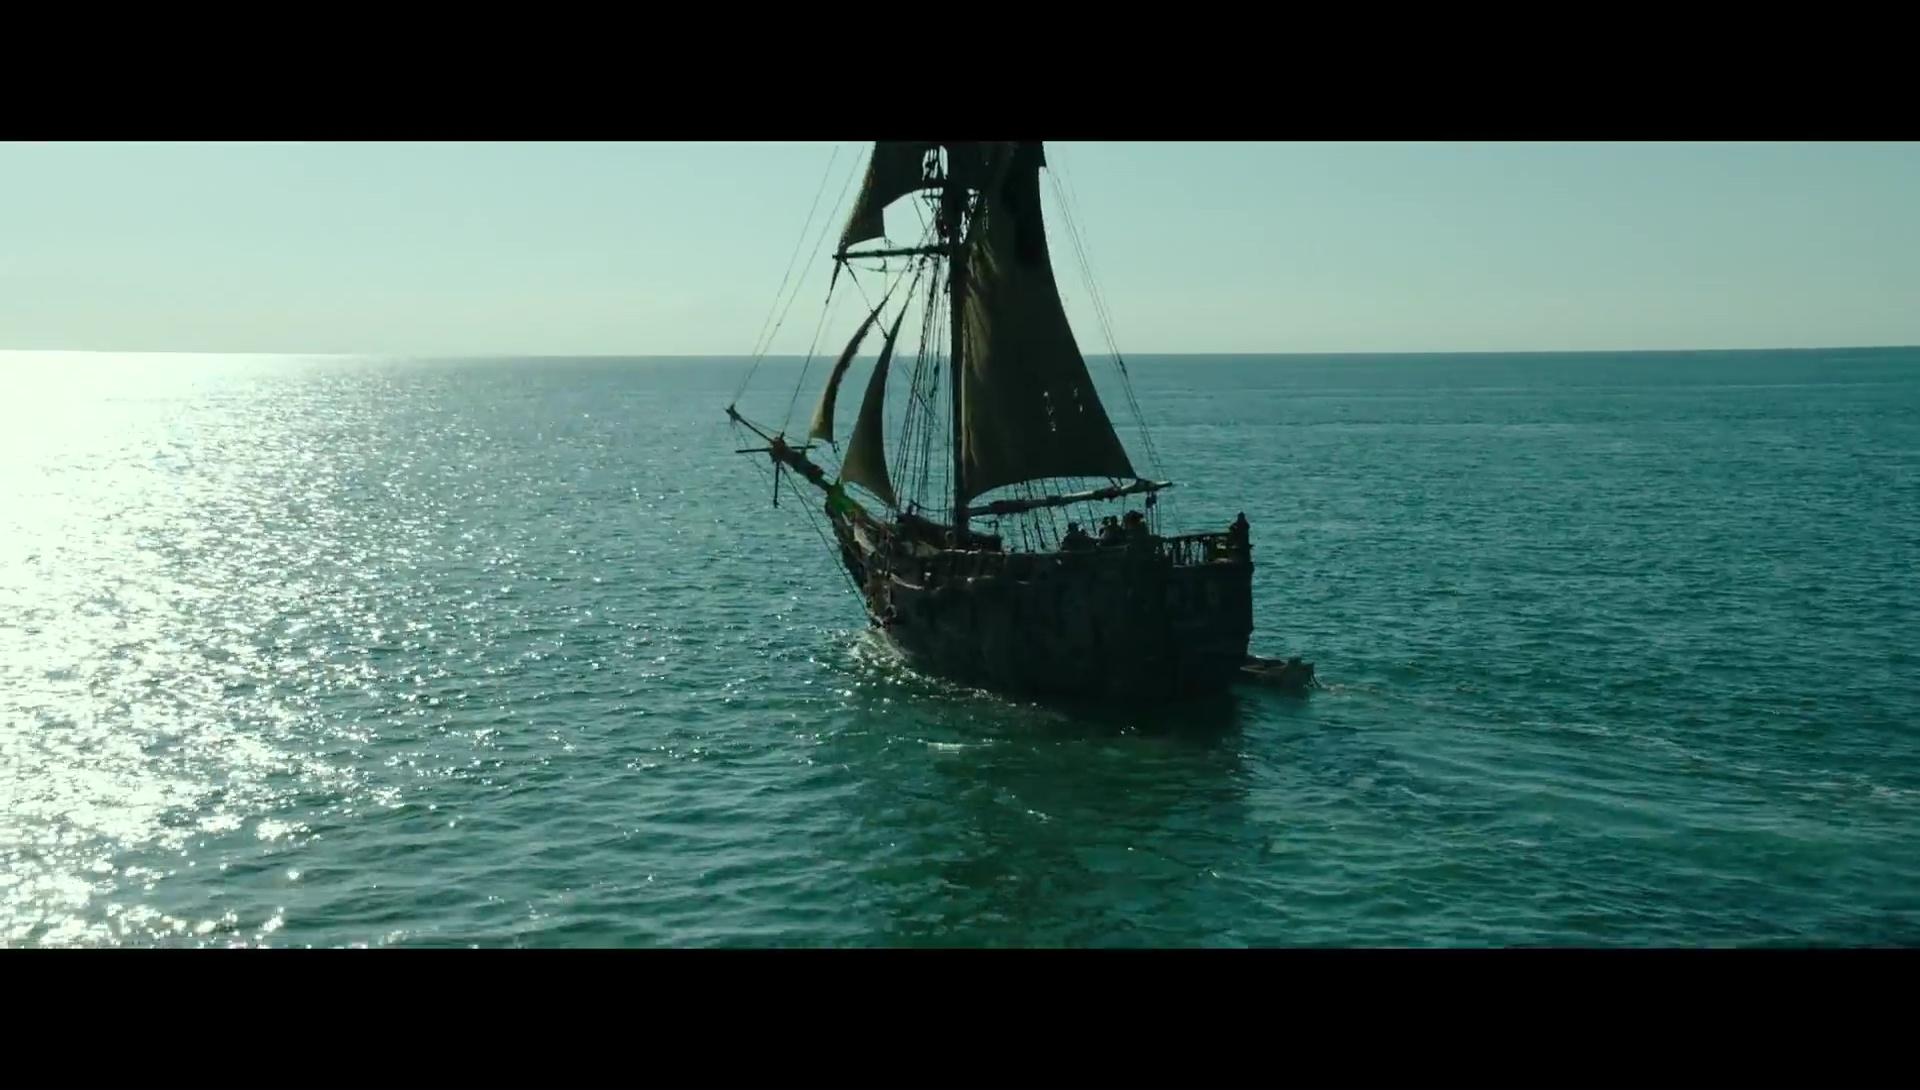 Piratas Del Caribe 5 1080p Lat-Cast-Ing 5.1 (2017)